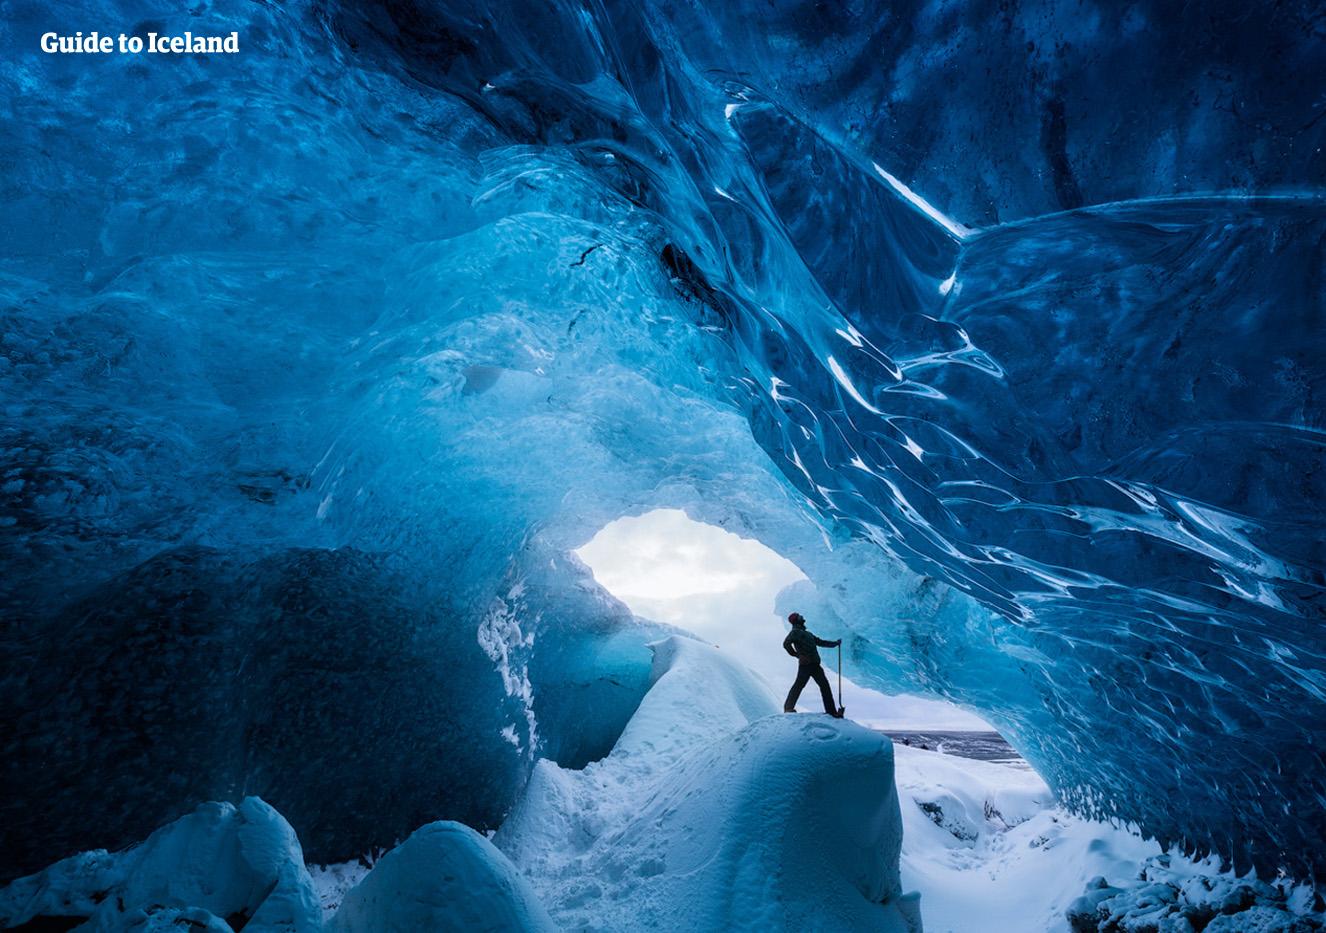 Een ijsgrot ingaan is een van de meest memorabele ervaringen die je kunt opdoen als je IJsland bezoekt.